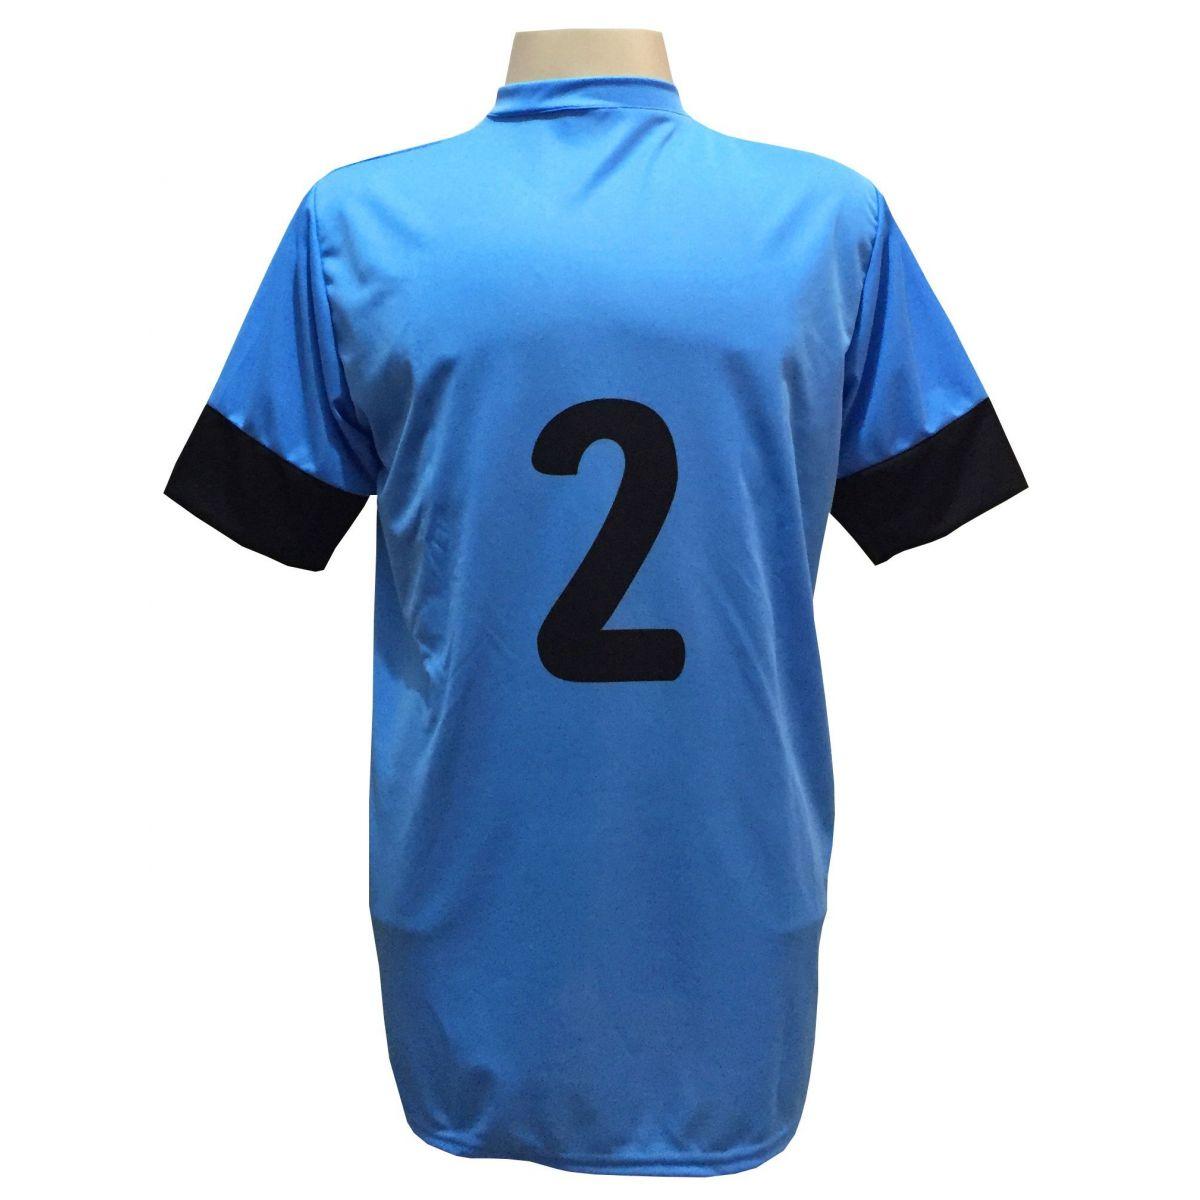 Fardamento Completo modelo Columbus 18+2 (18 Camisas Celeste/Preto + 18 Calções Madrid Preto + 18 Pares de Meiões Pretos + 2 Conjuntos de Goleiro) + Brindes